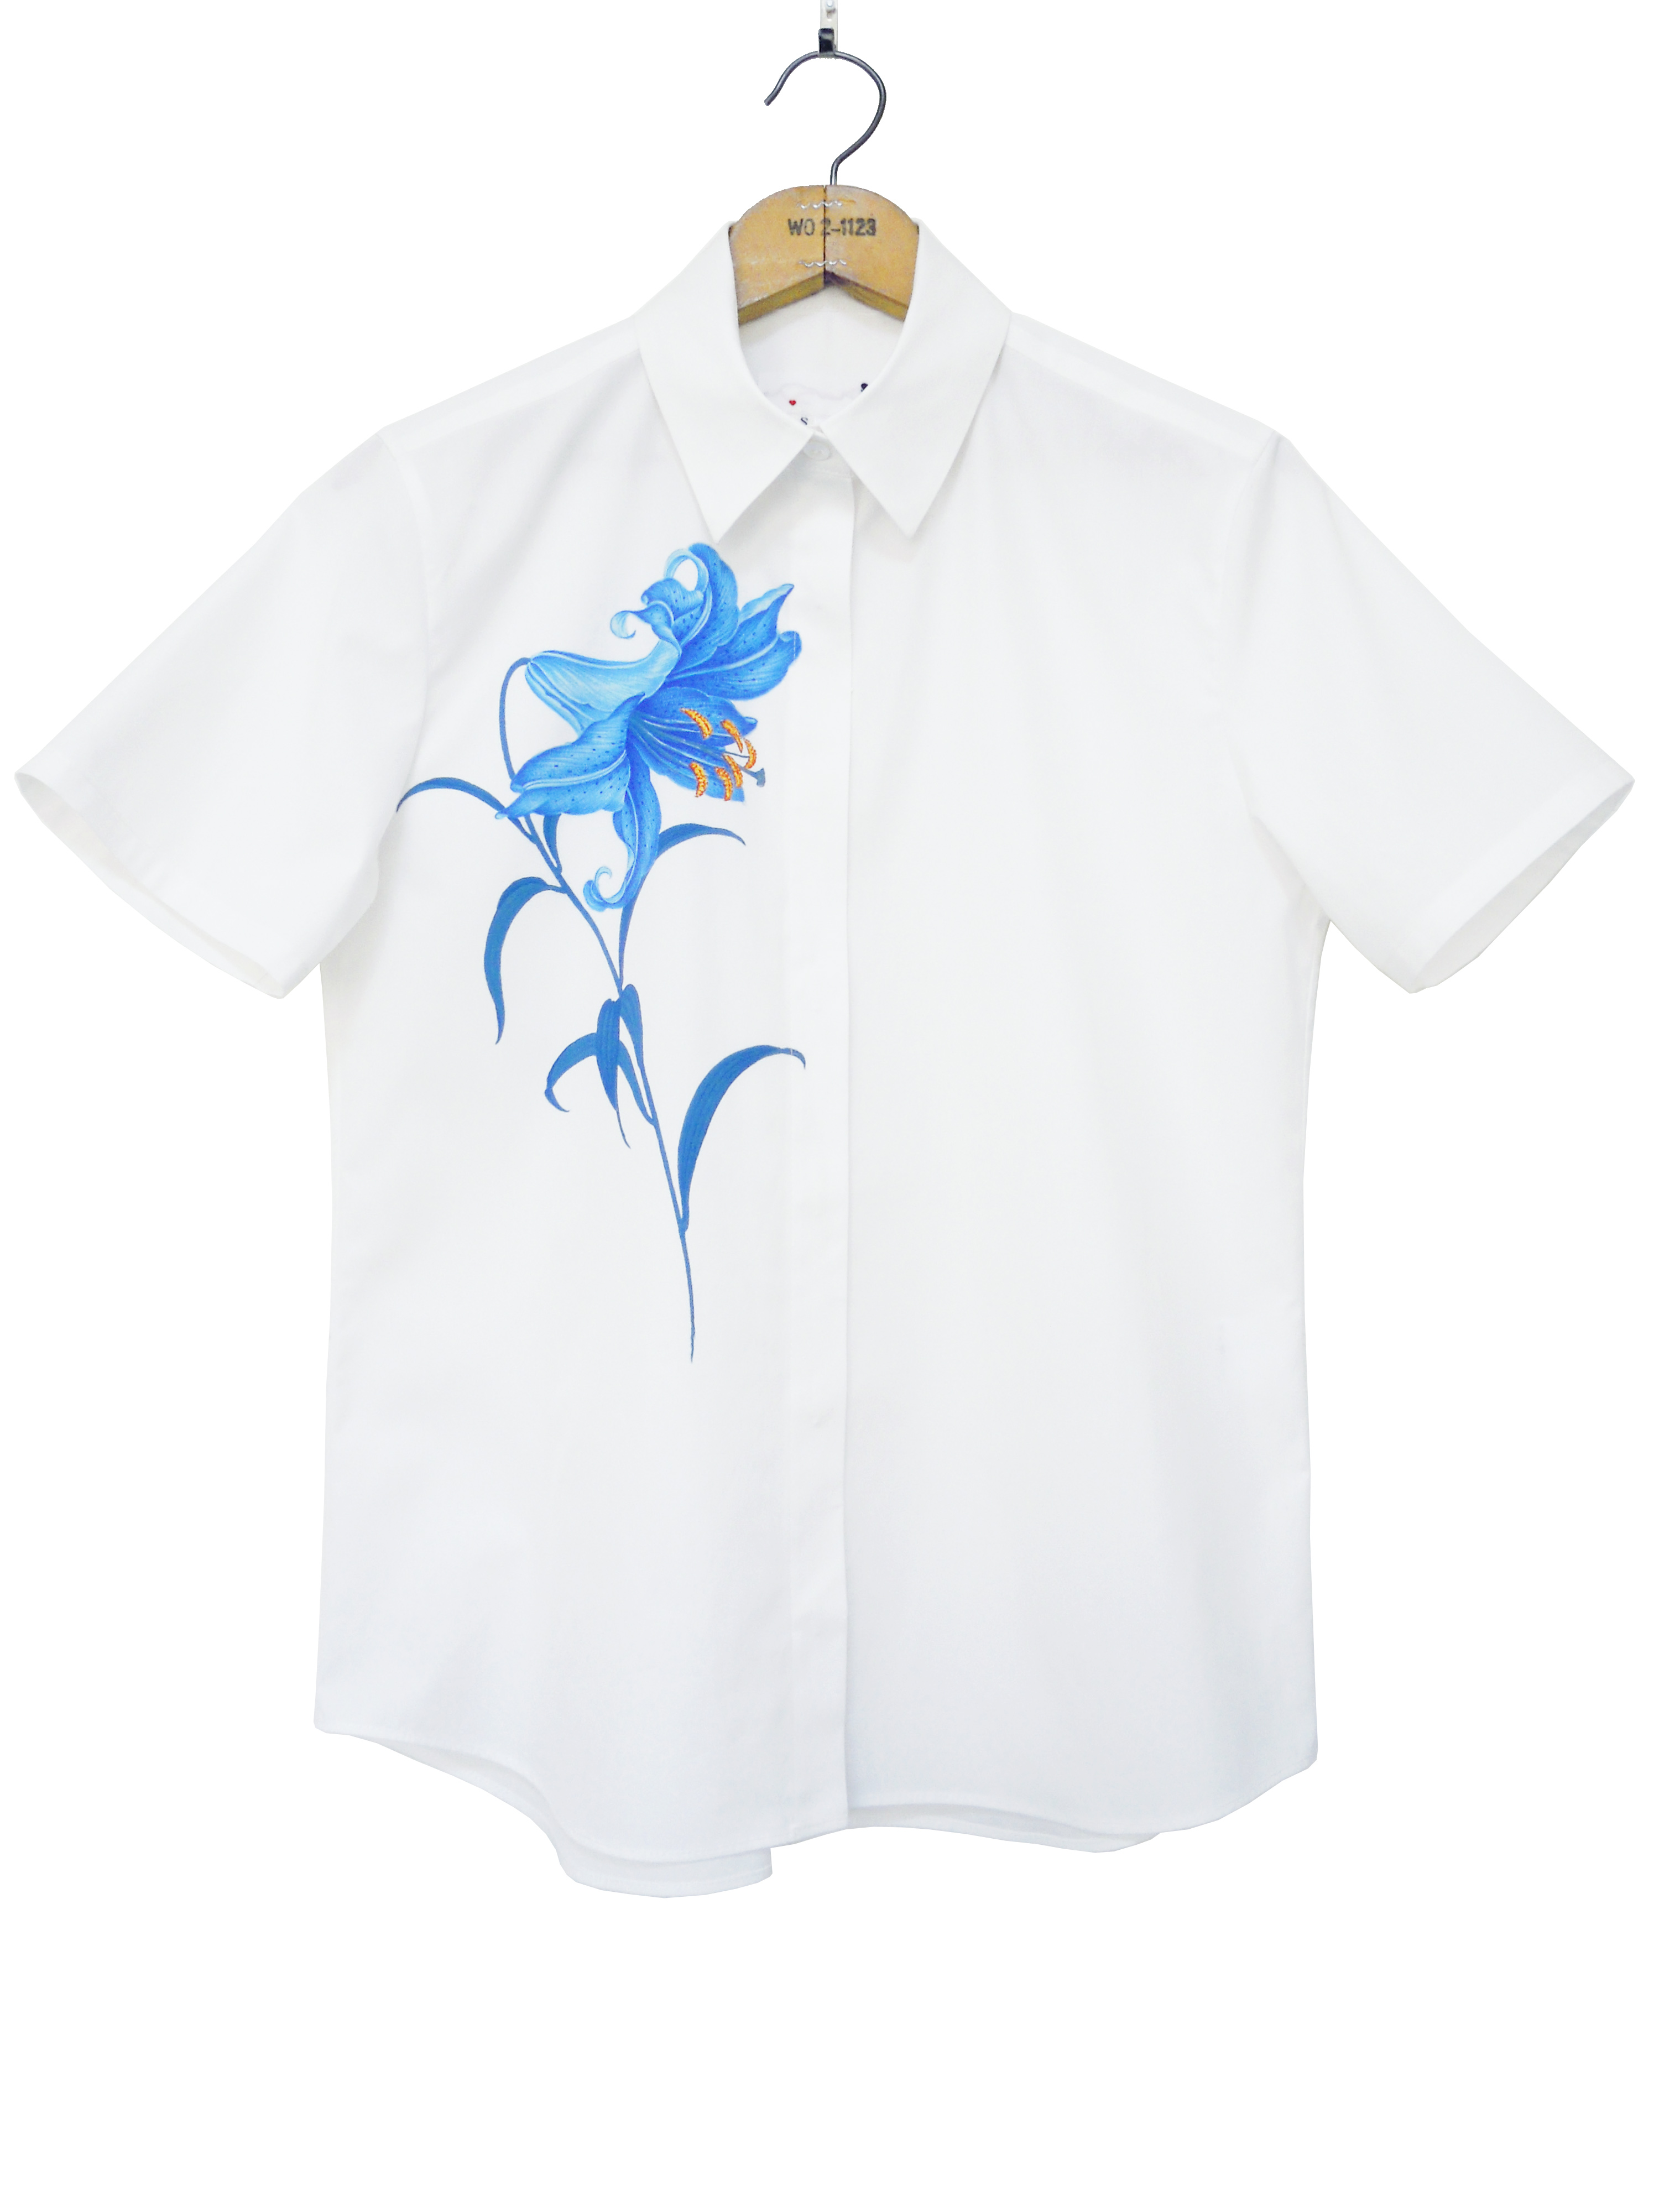 レディスシャツ、プリント、半袖、ブロード、ゆり